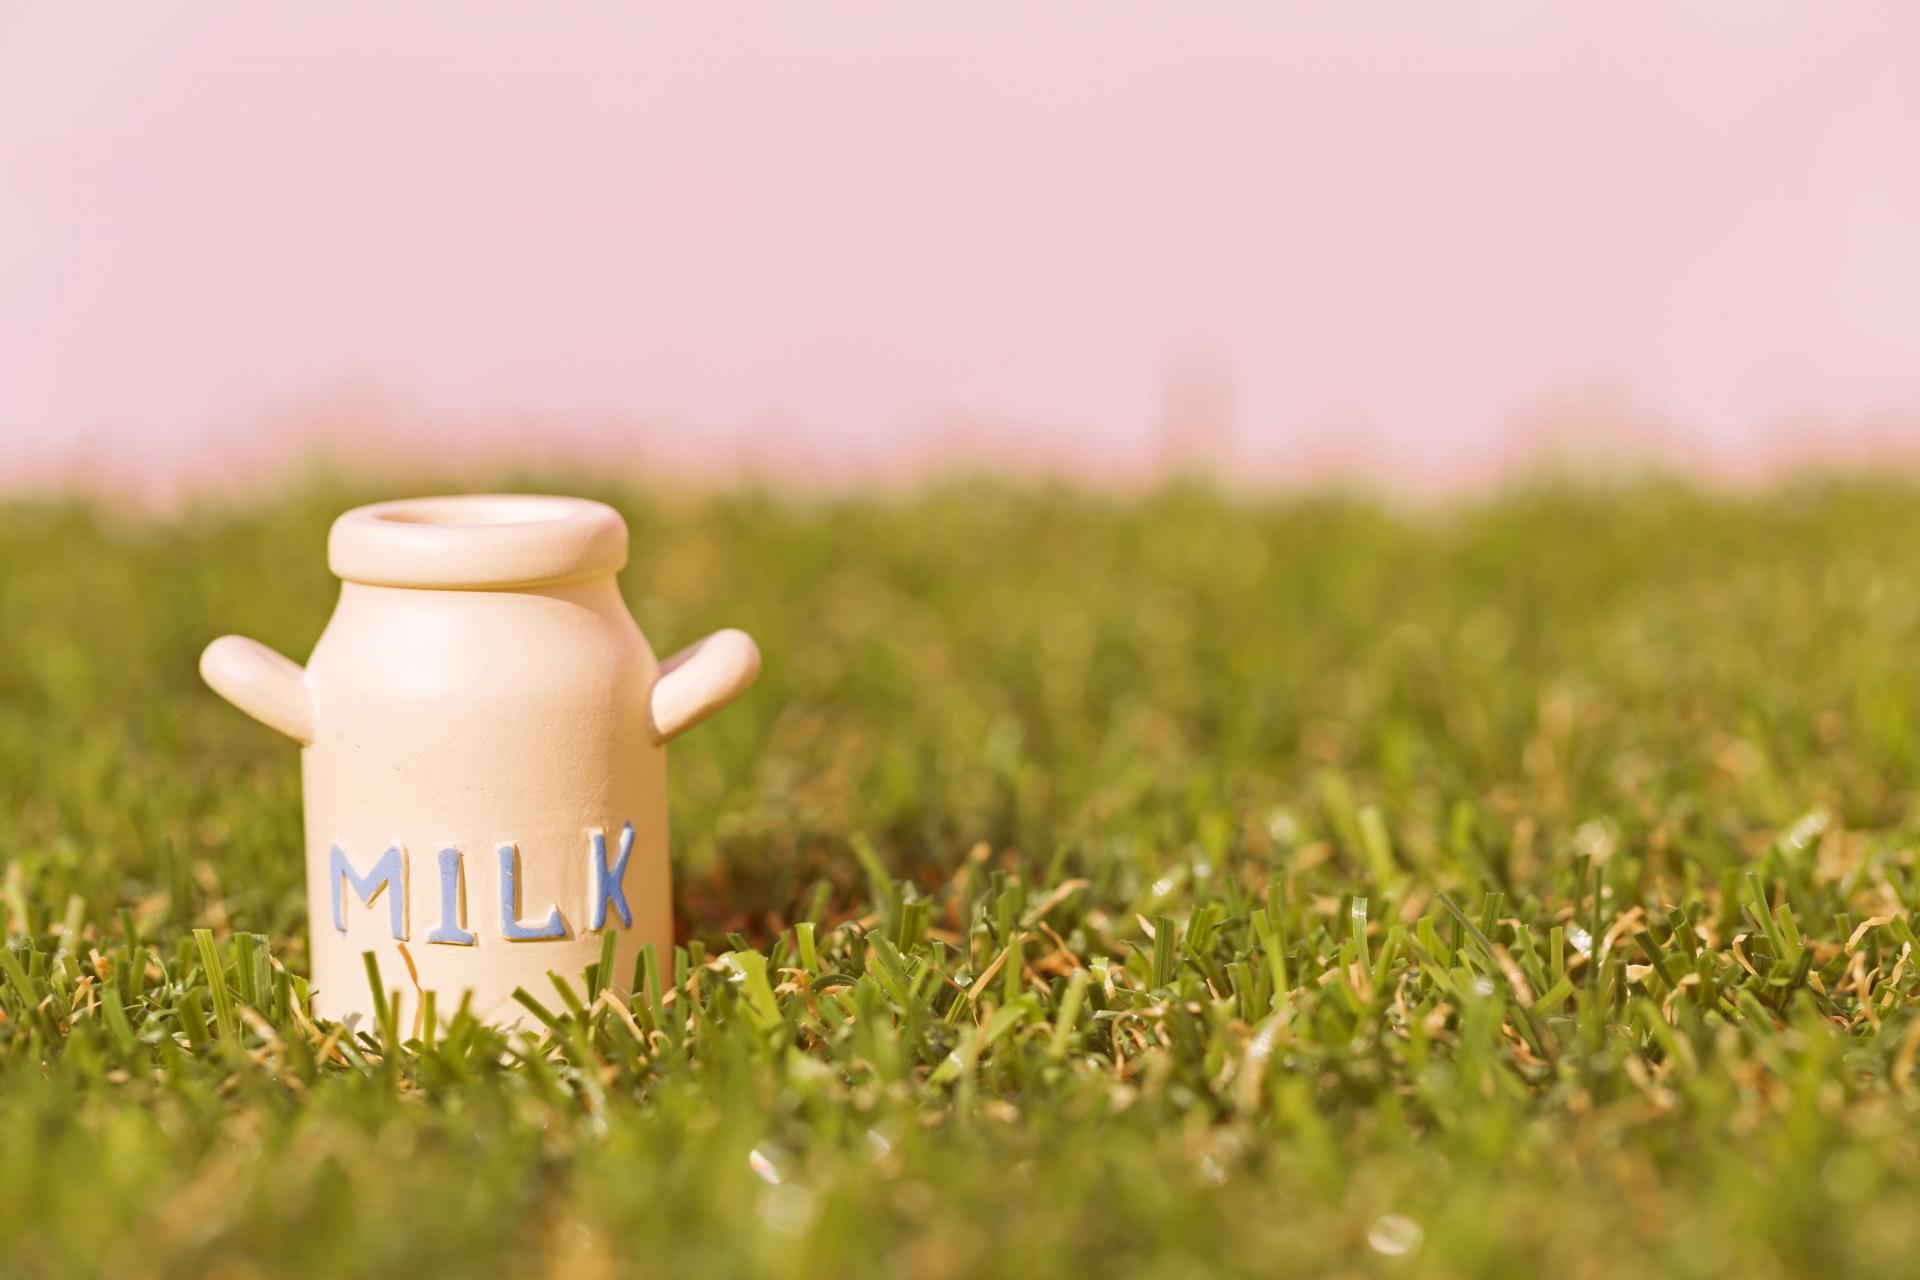 コーヒー牛乳とカフェオレの違いとは?美味しい作り方をご紹介。